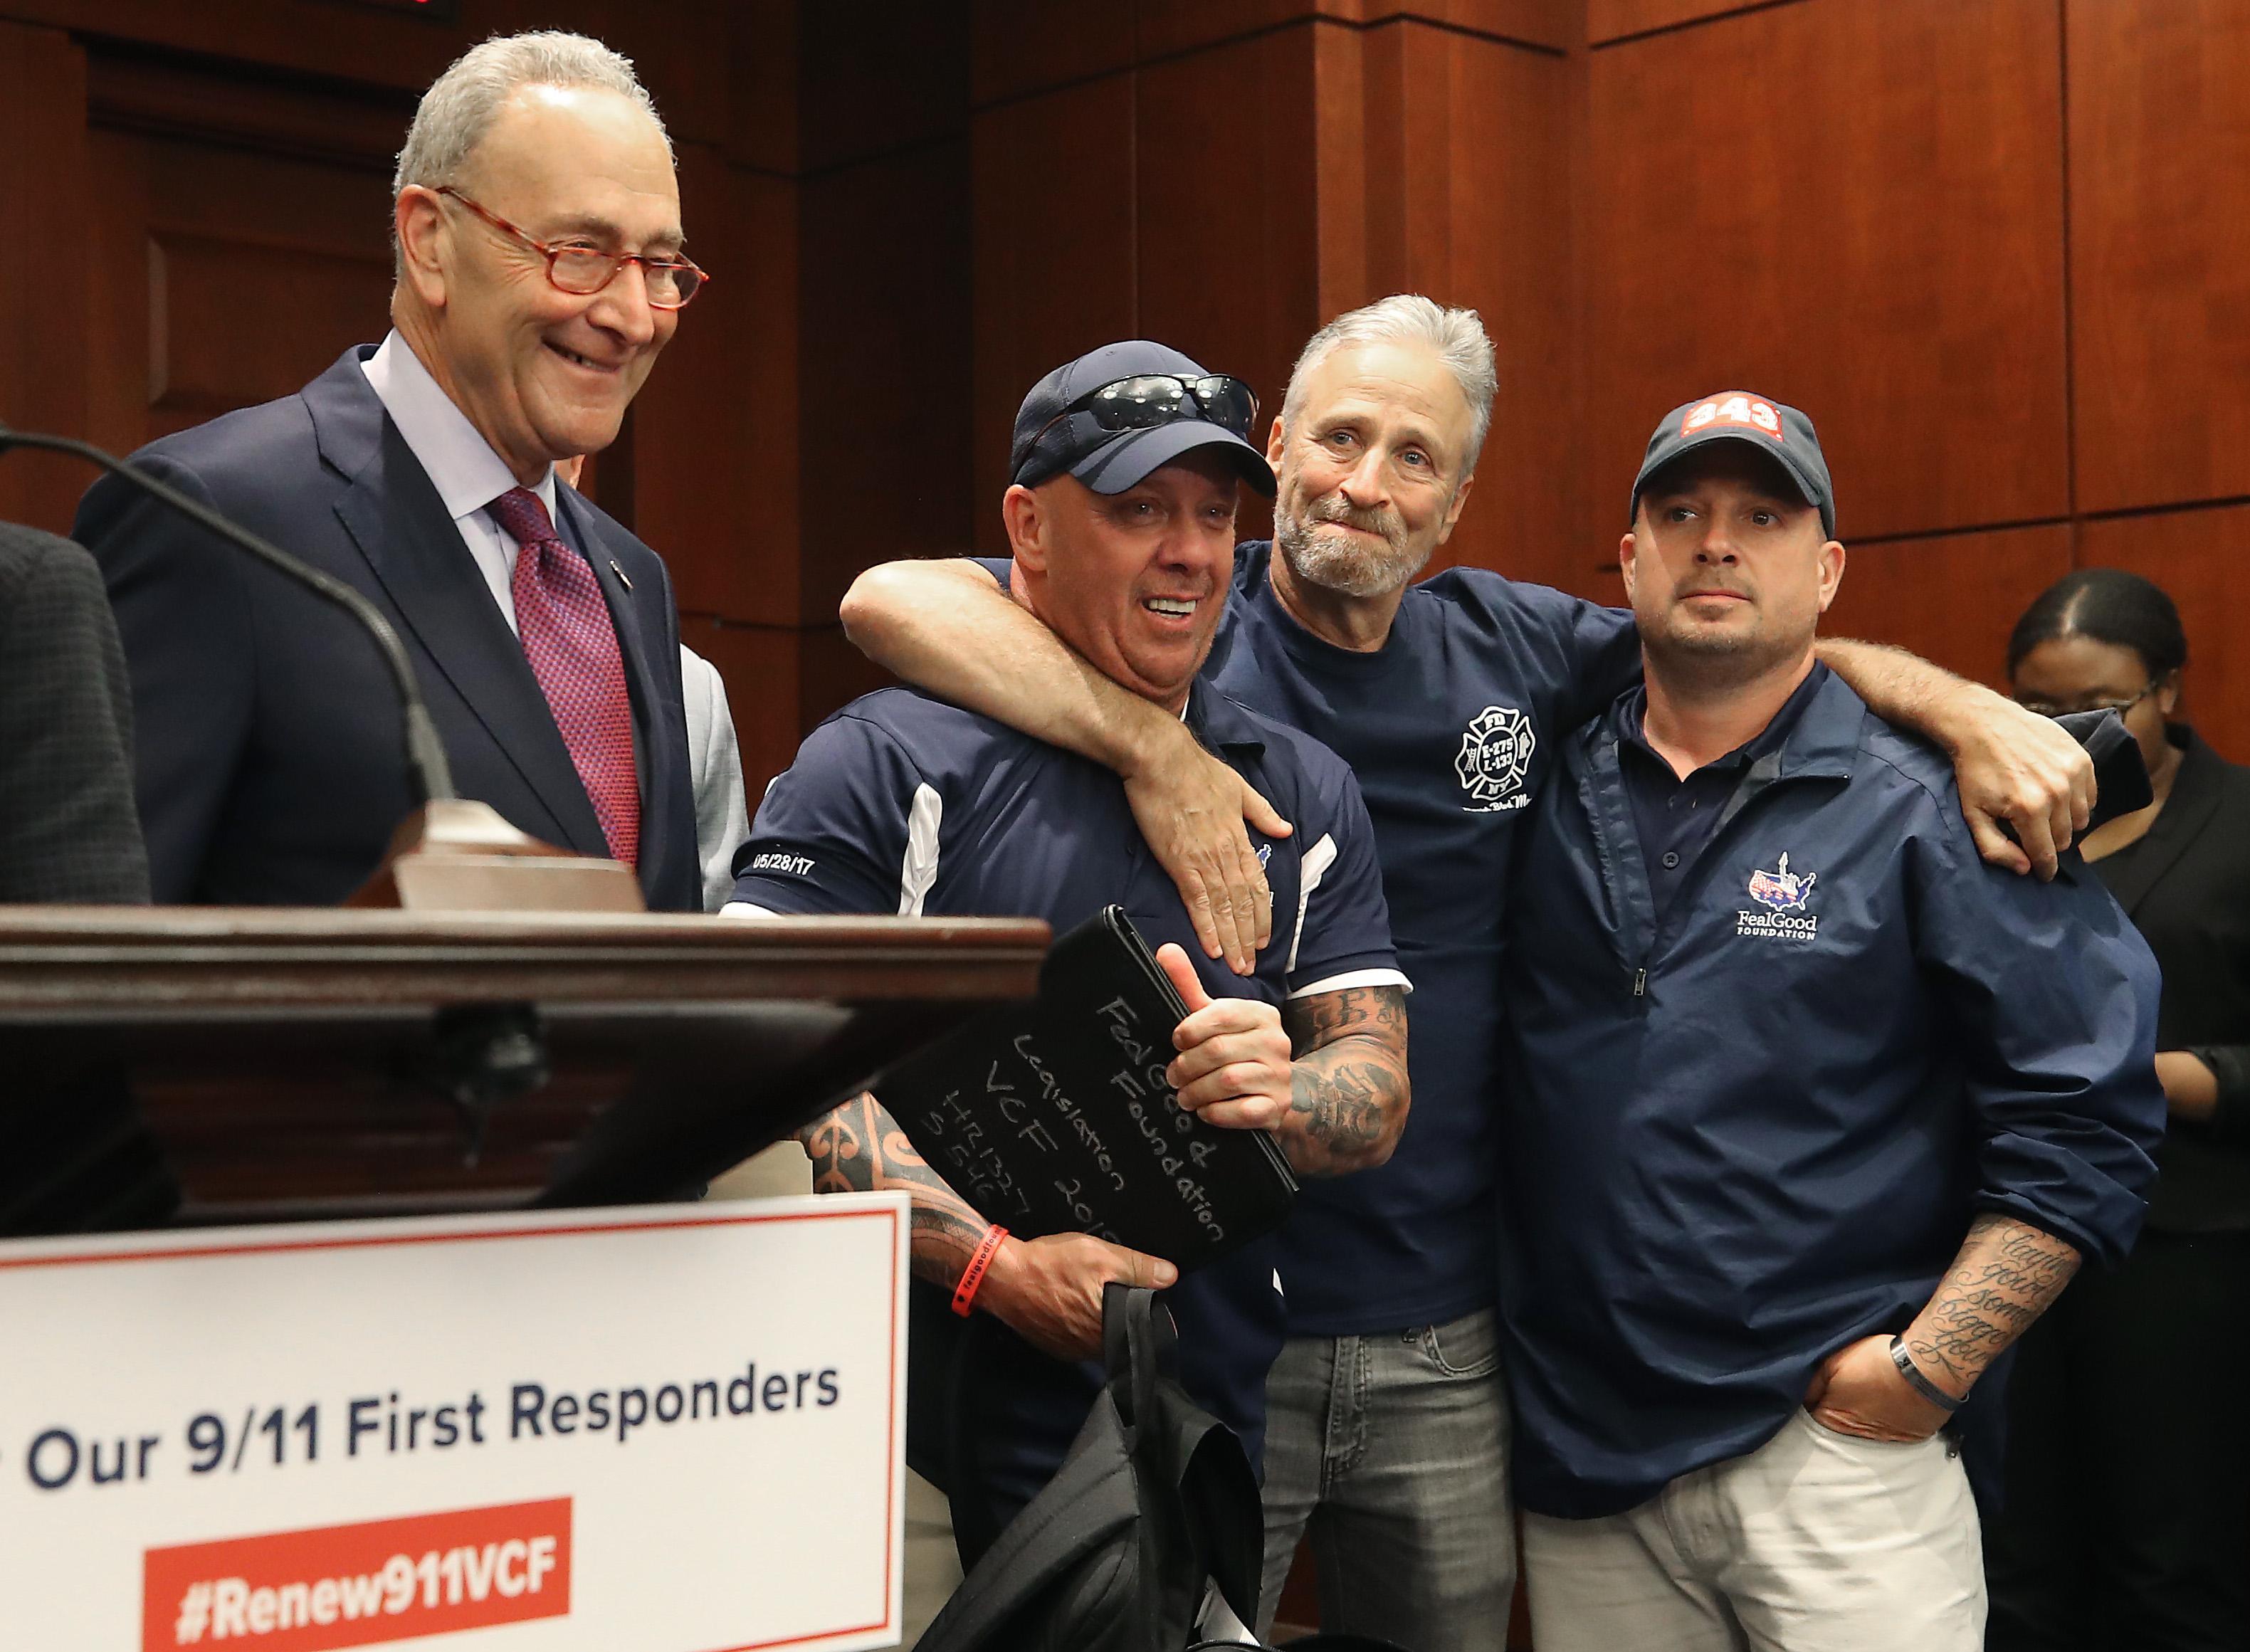 Az amerikai szenátus is megszavazta, hogy soha ne fogyjon ki a szeptember 11-i terrortámadások utáni mentési munkákban résztvevők kárpótlási alapja